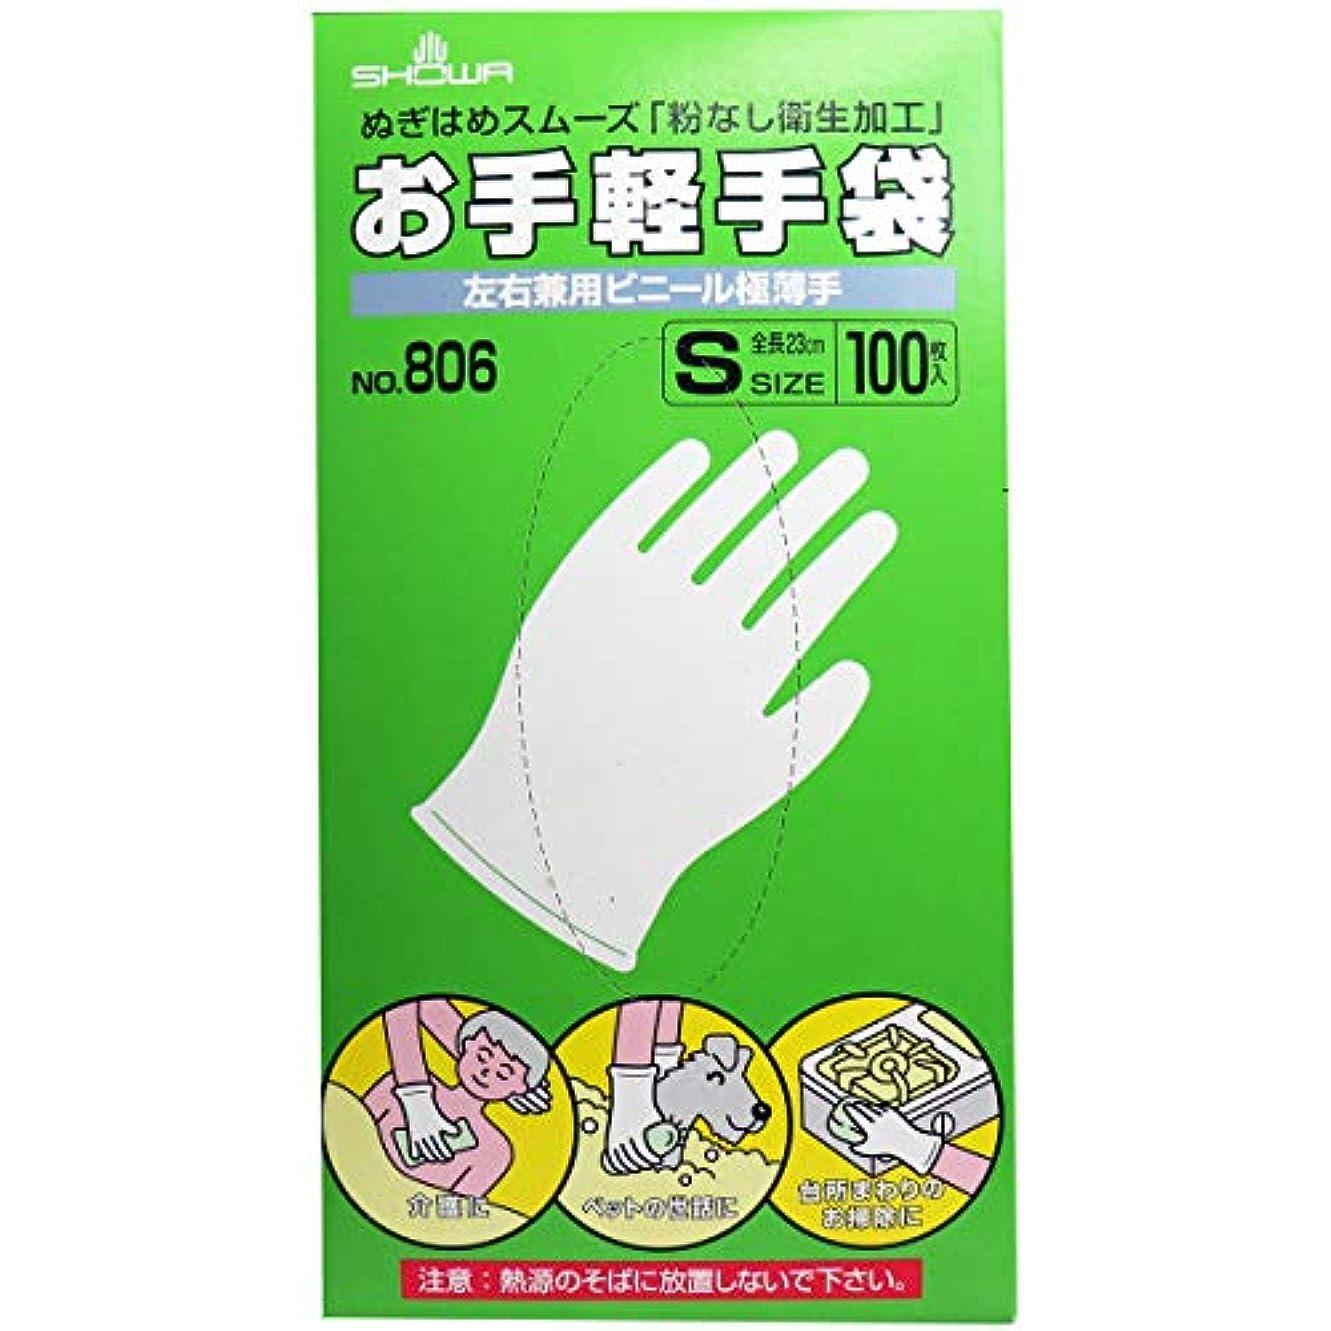 トリッキー研究所志すお手軽手袋 No.806 左右兼用ビニール極薄手 粉なし Sサイズ 100枚入×5個セット(管理番号 4901792033589)